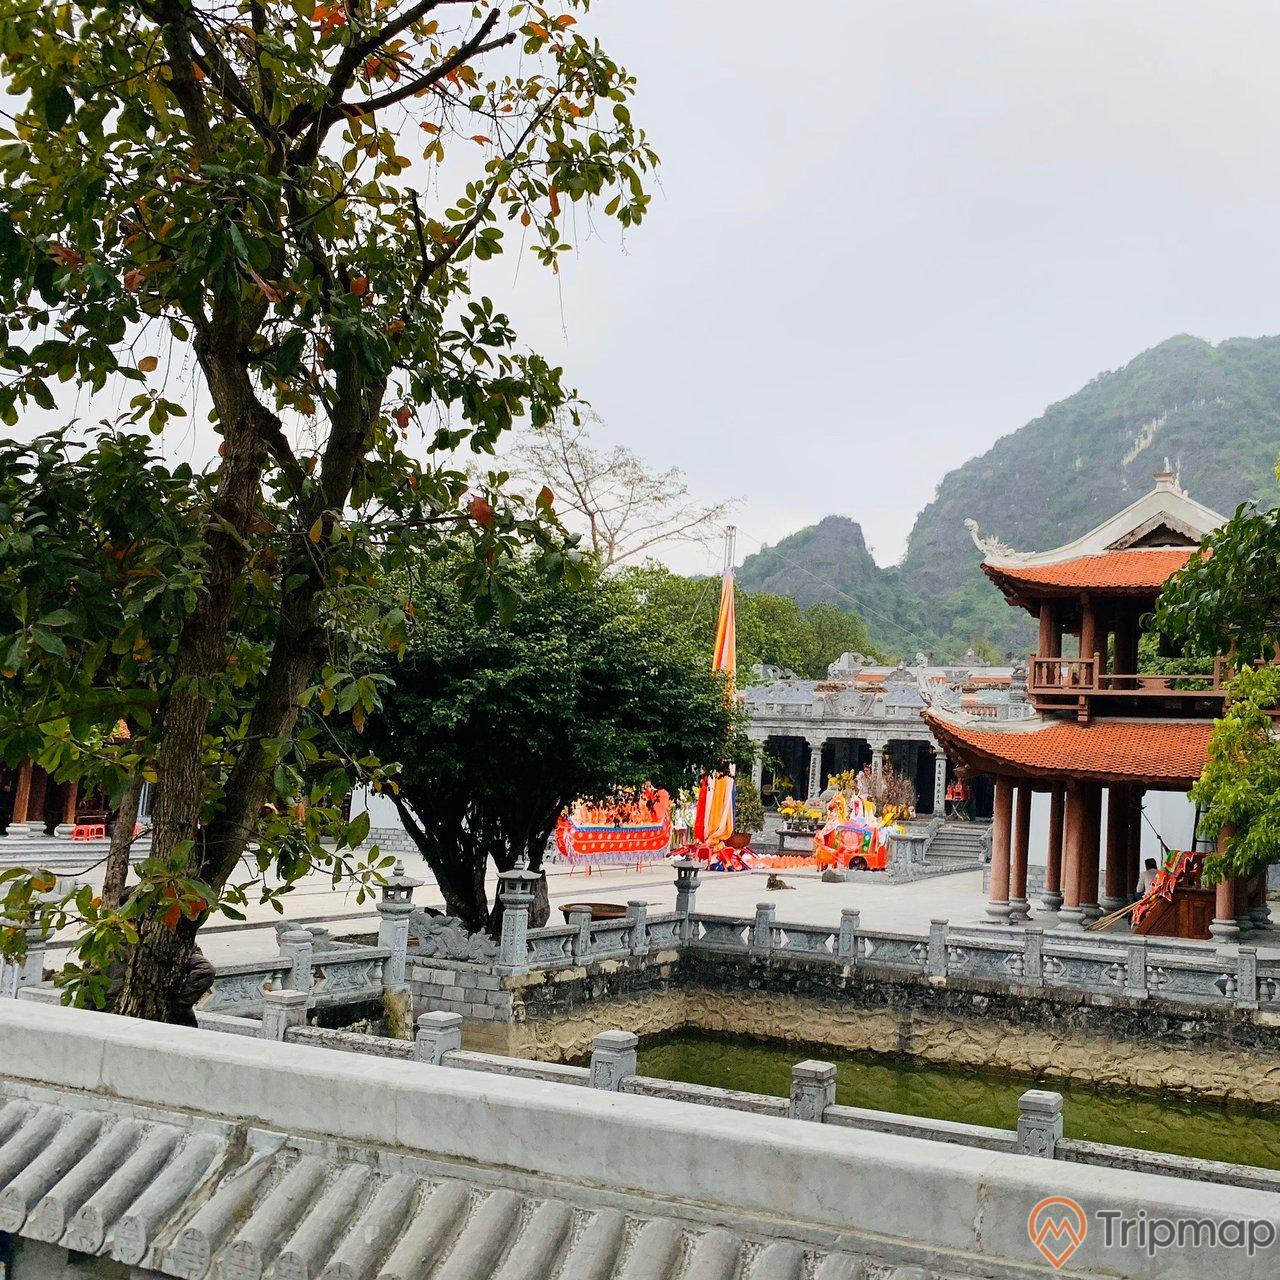 Tham quan du lịch đền Thái Vi